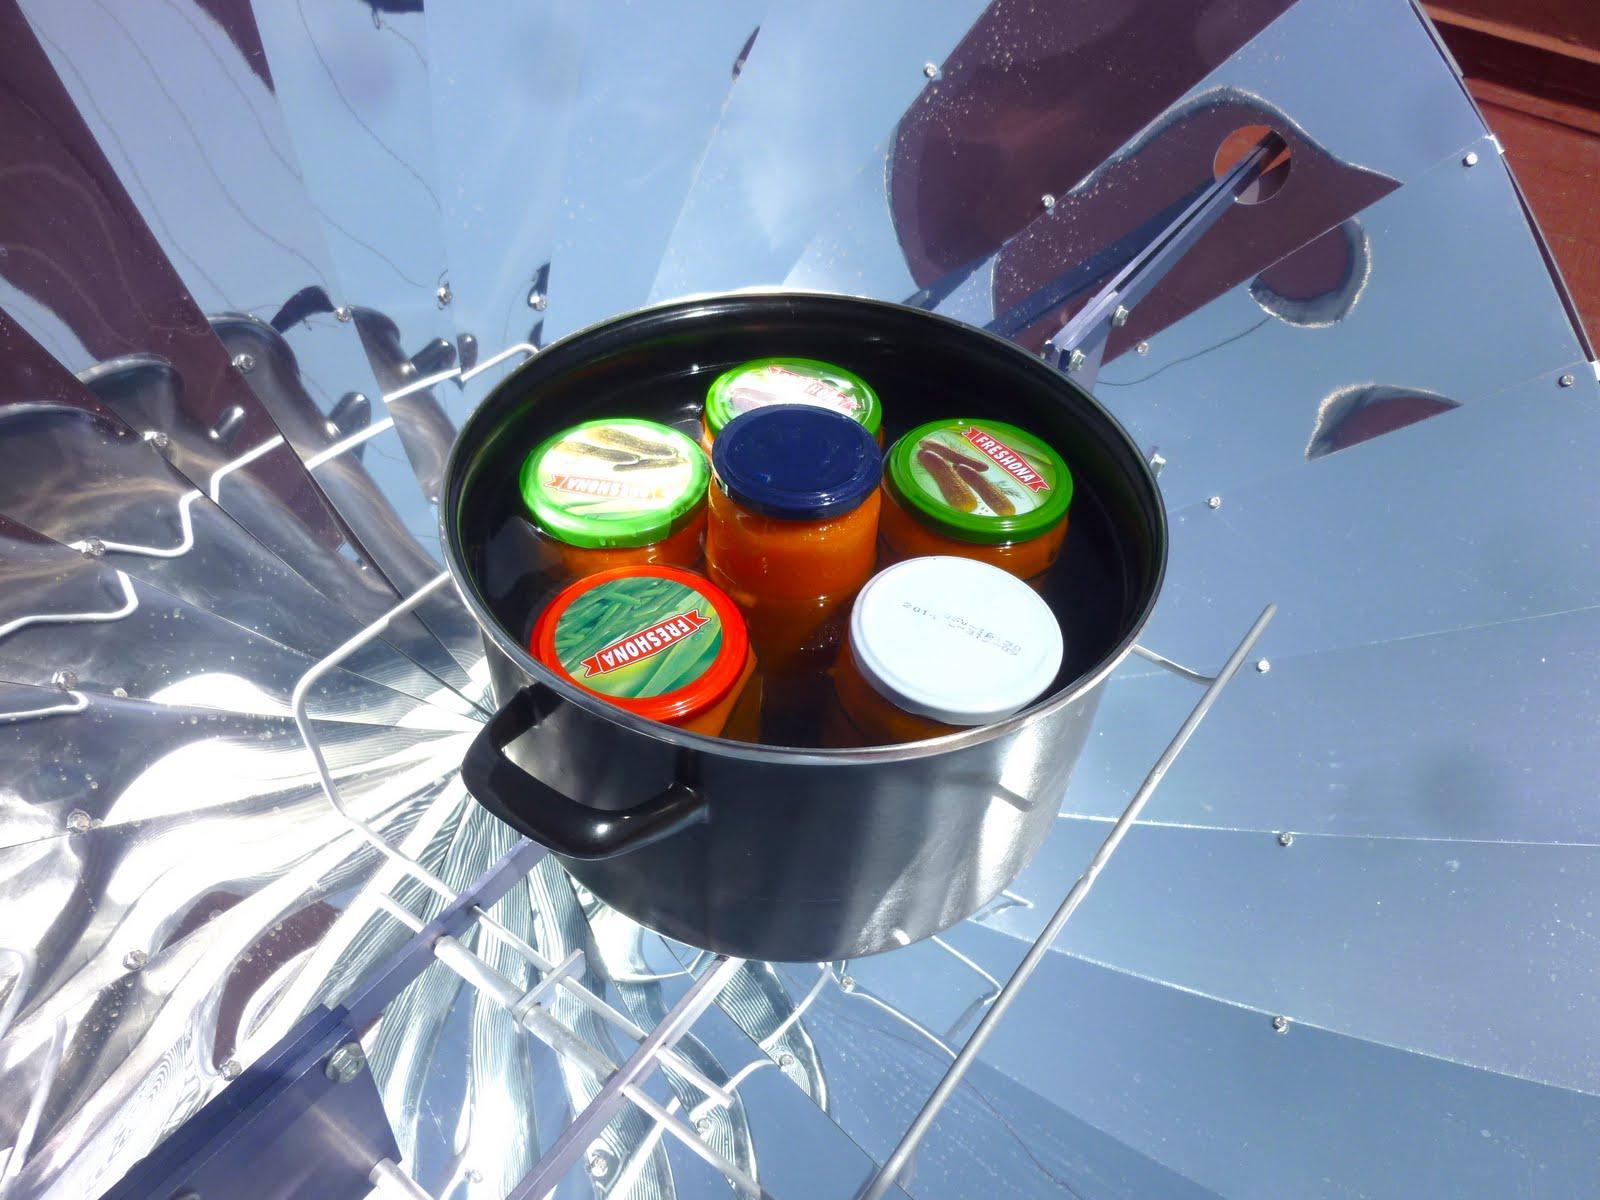 Alsol cocinando conserva de tomate al ba o maria por - Envasar al bano maria ...